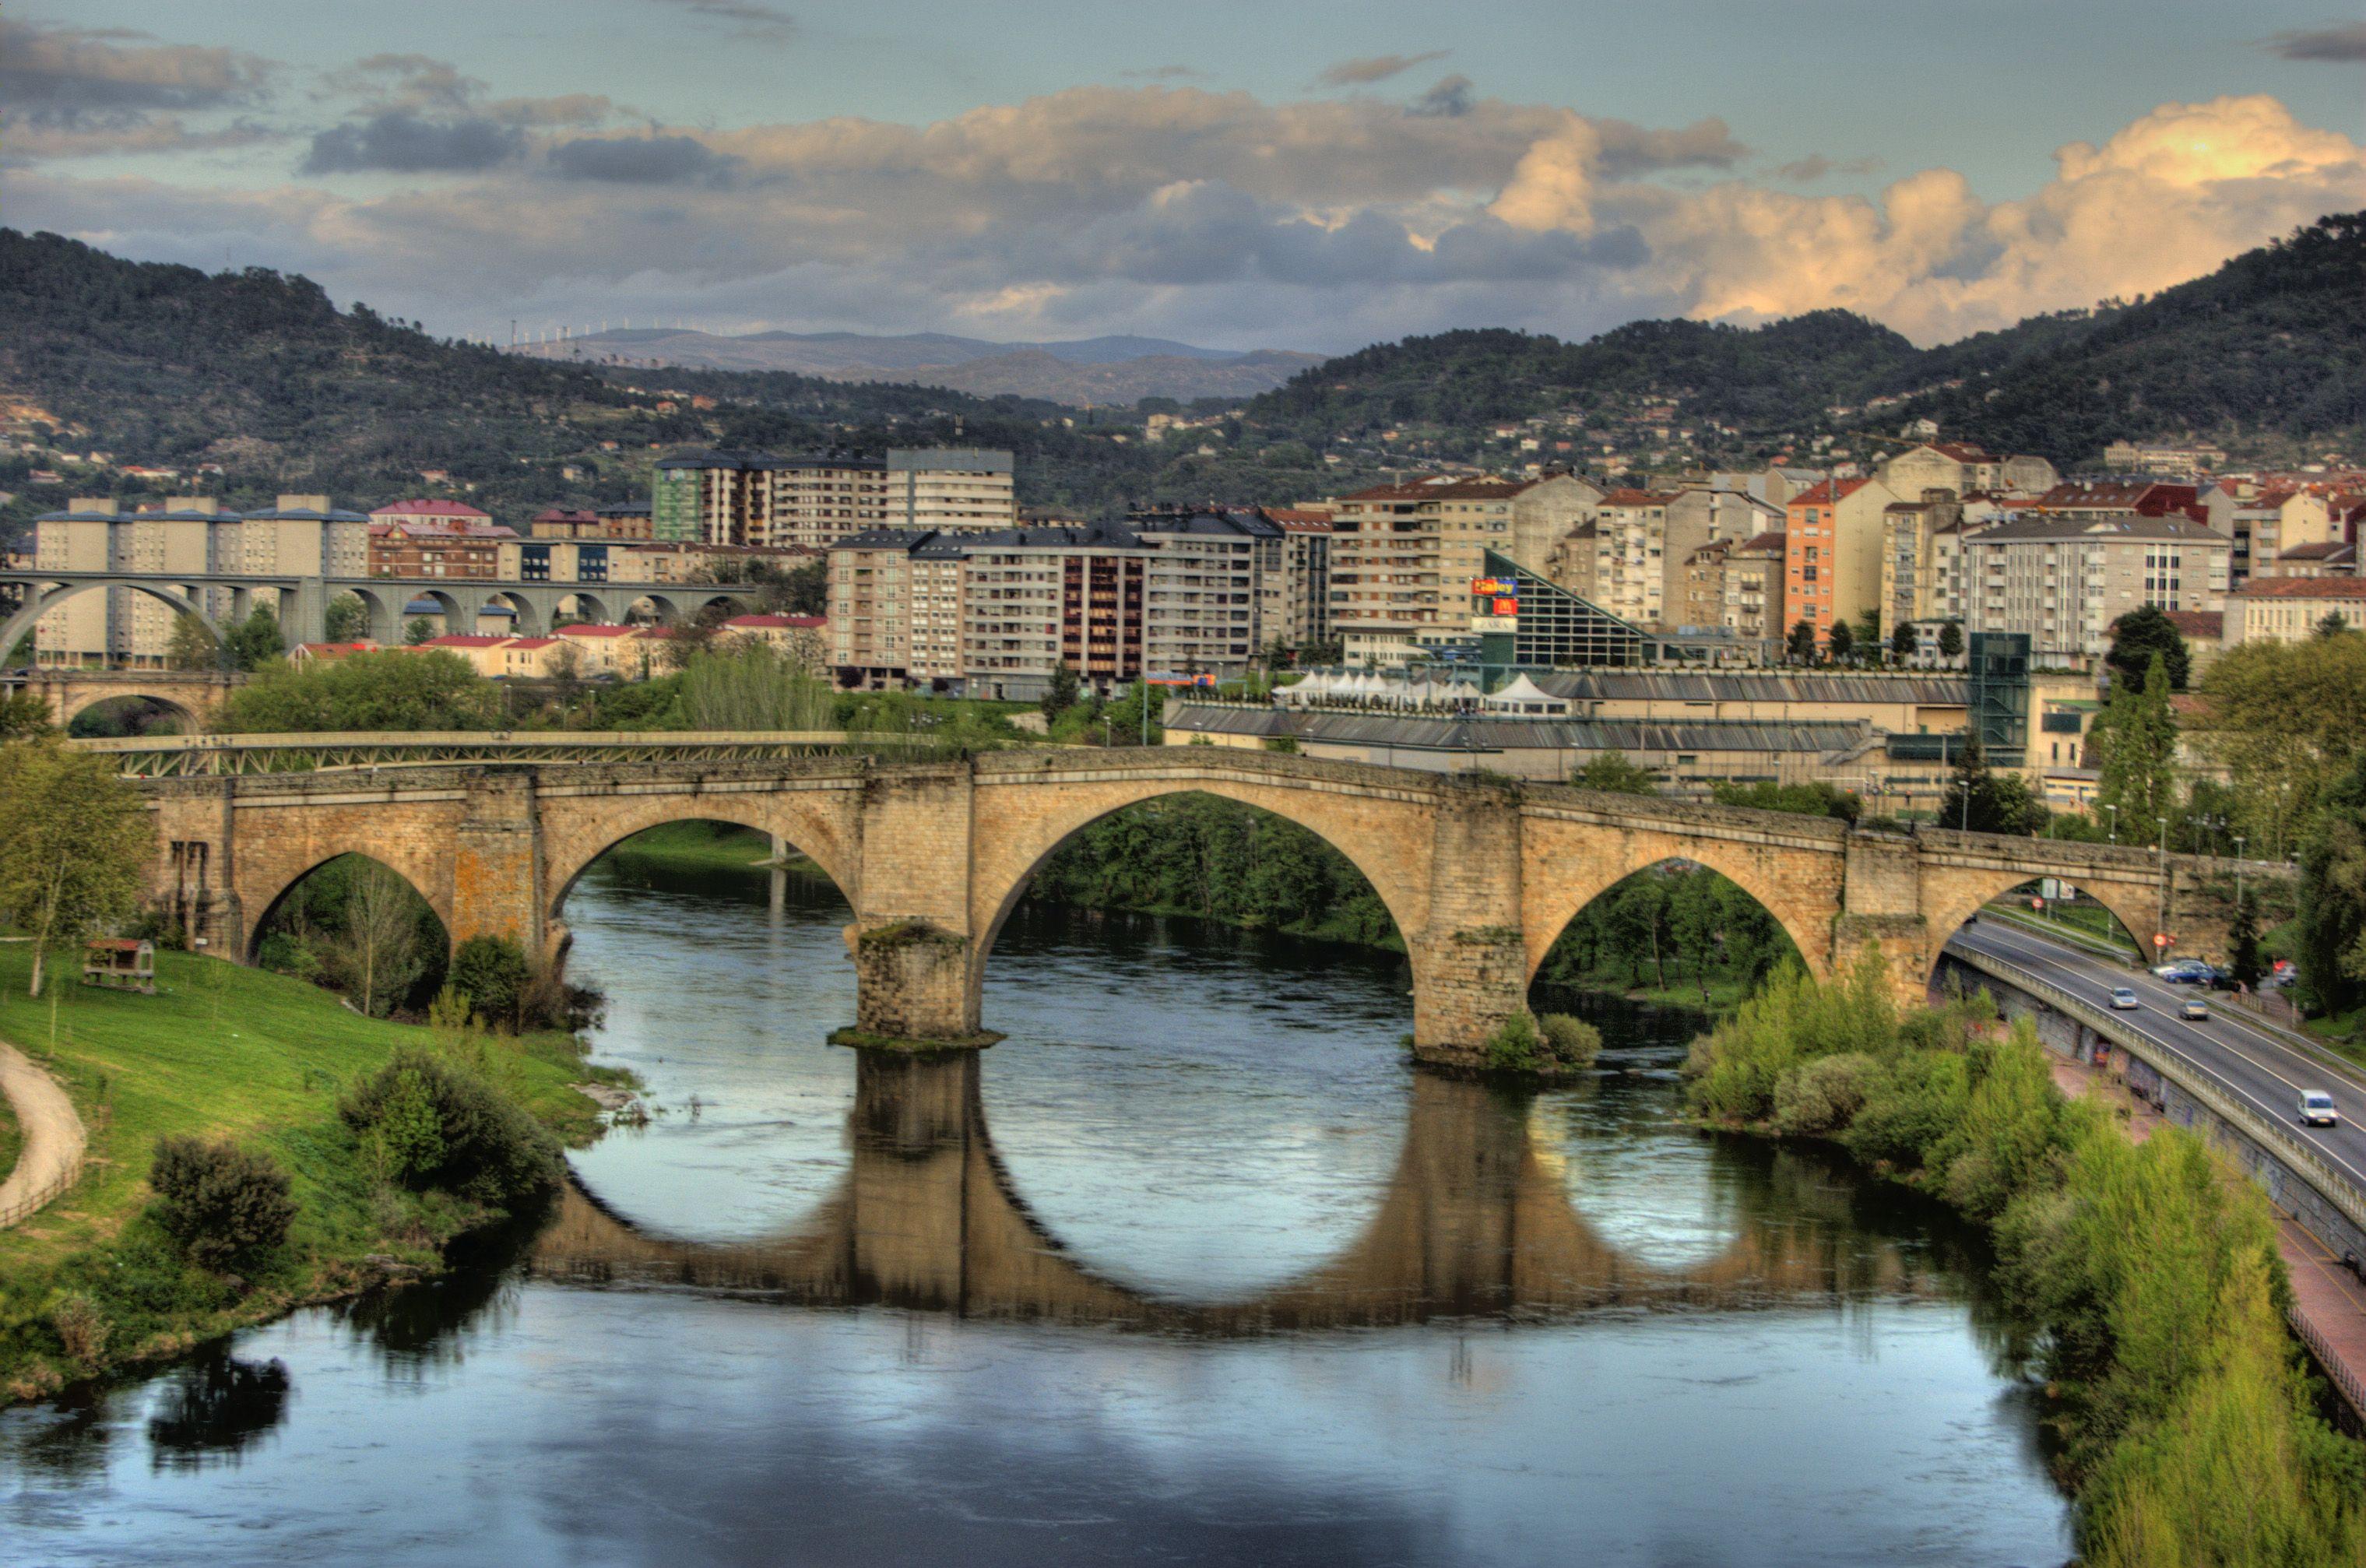 Vista del puente romano de Orense, sobre el río Miño. Crédito: Wikipedia